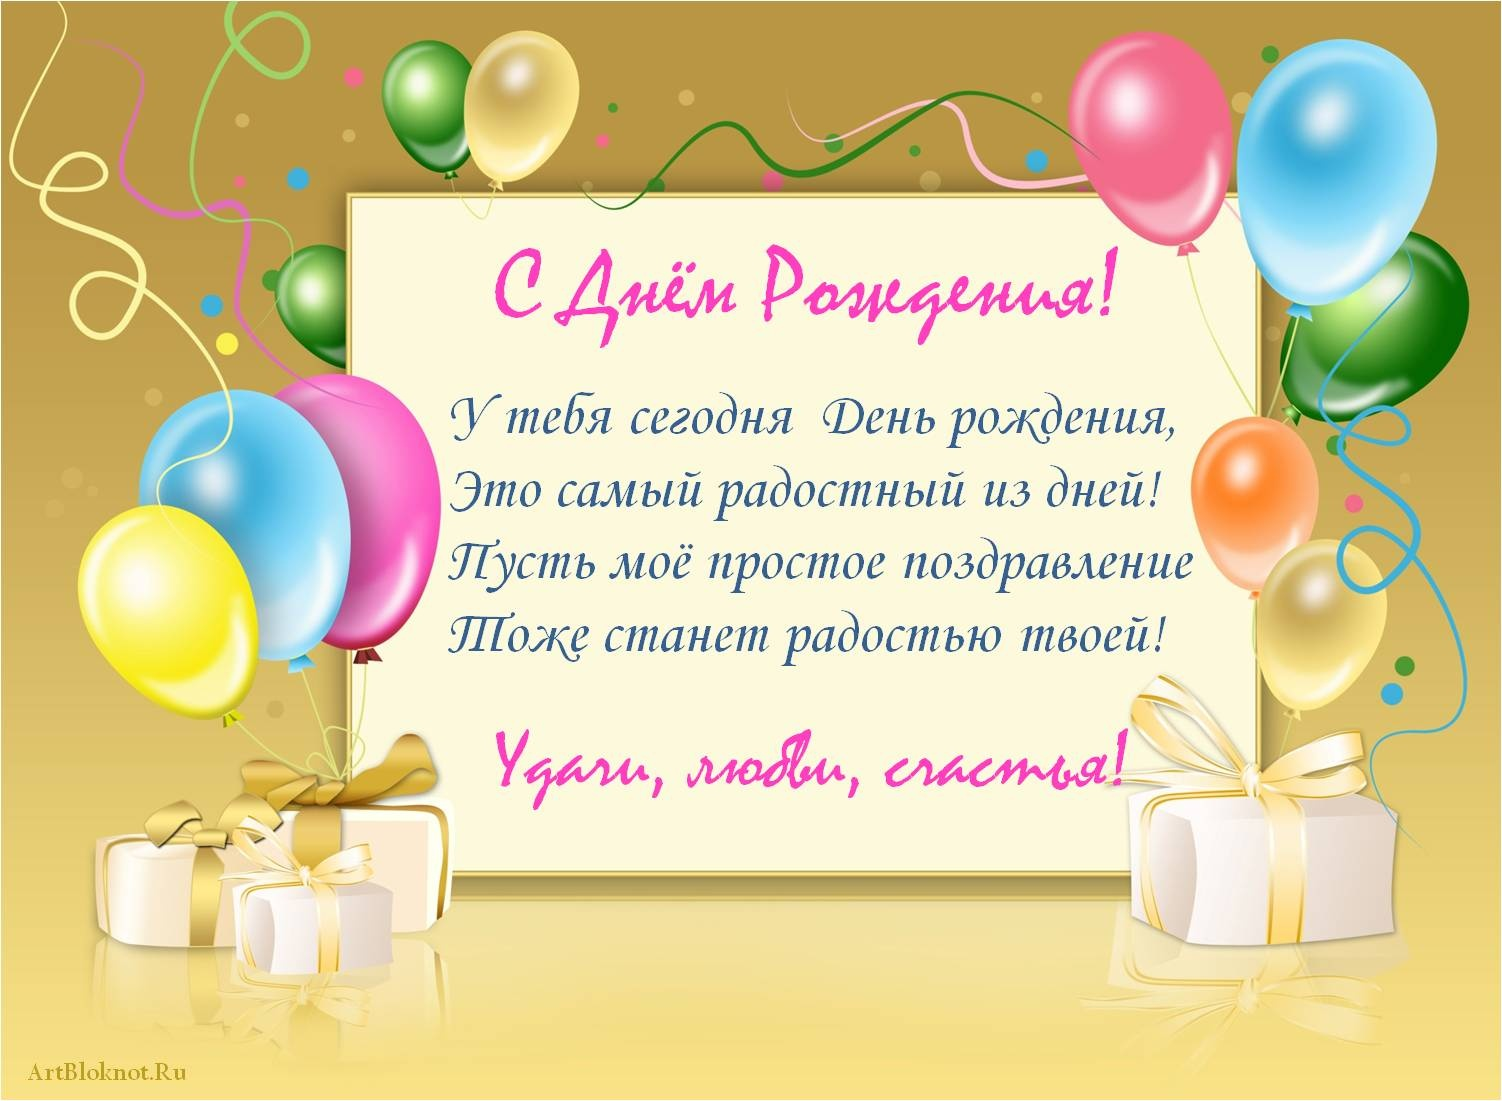 С днем рождения обычное поздравления